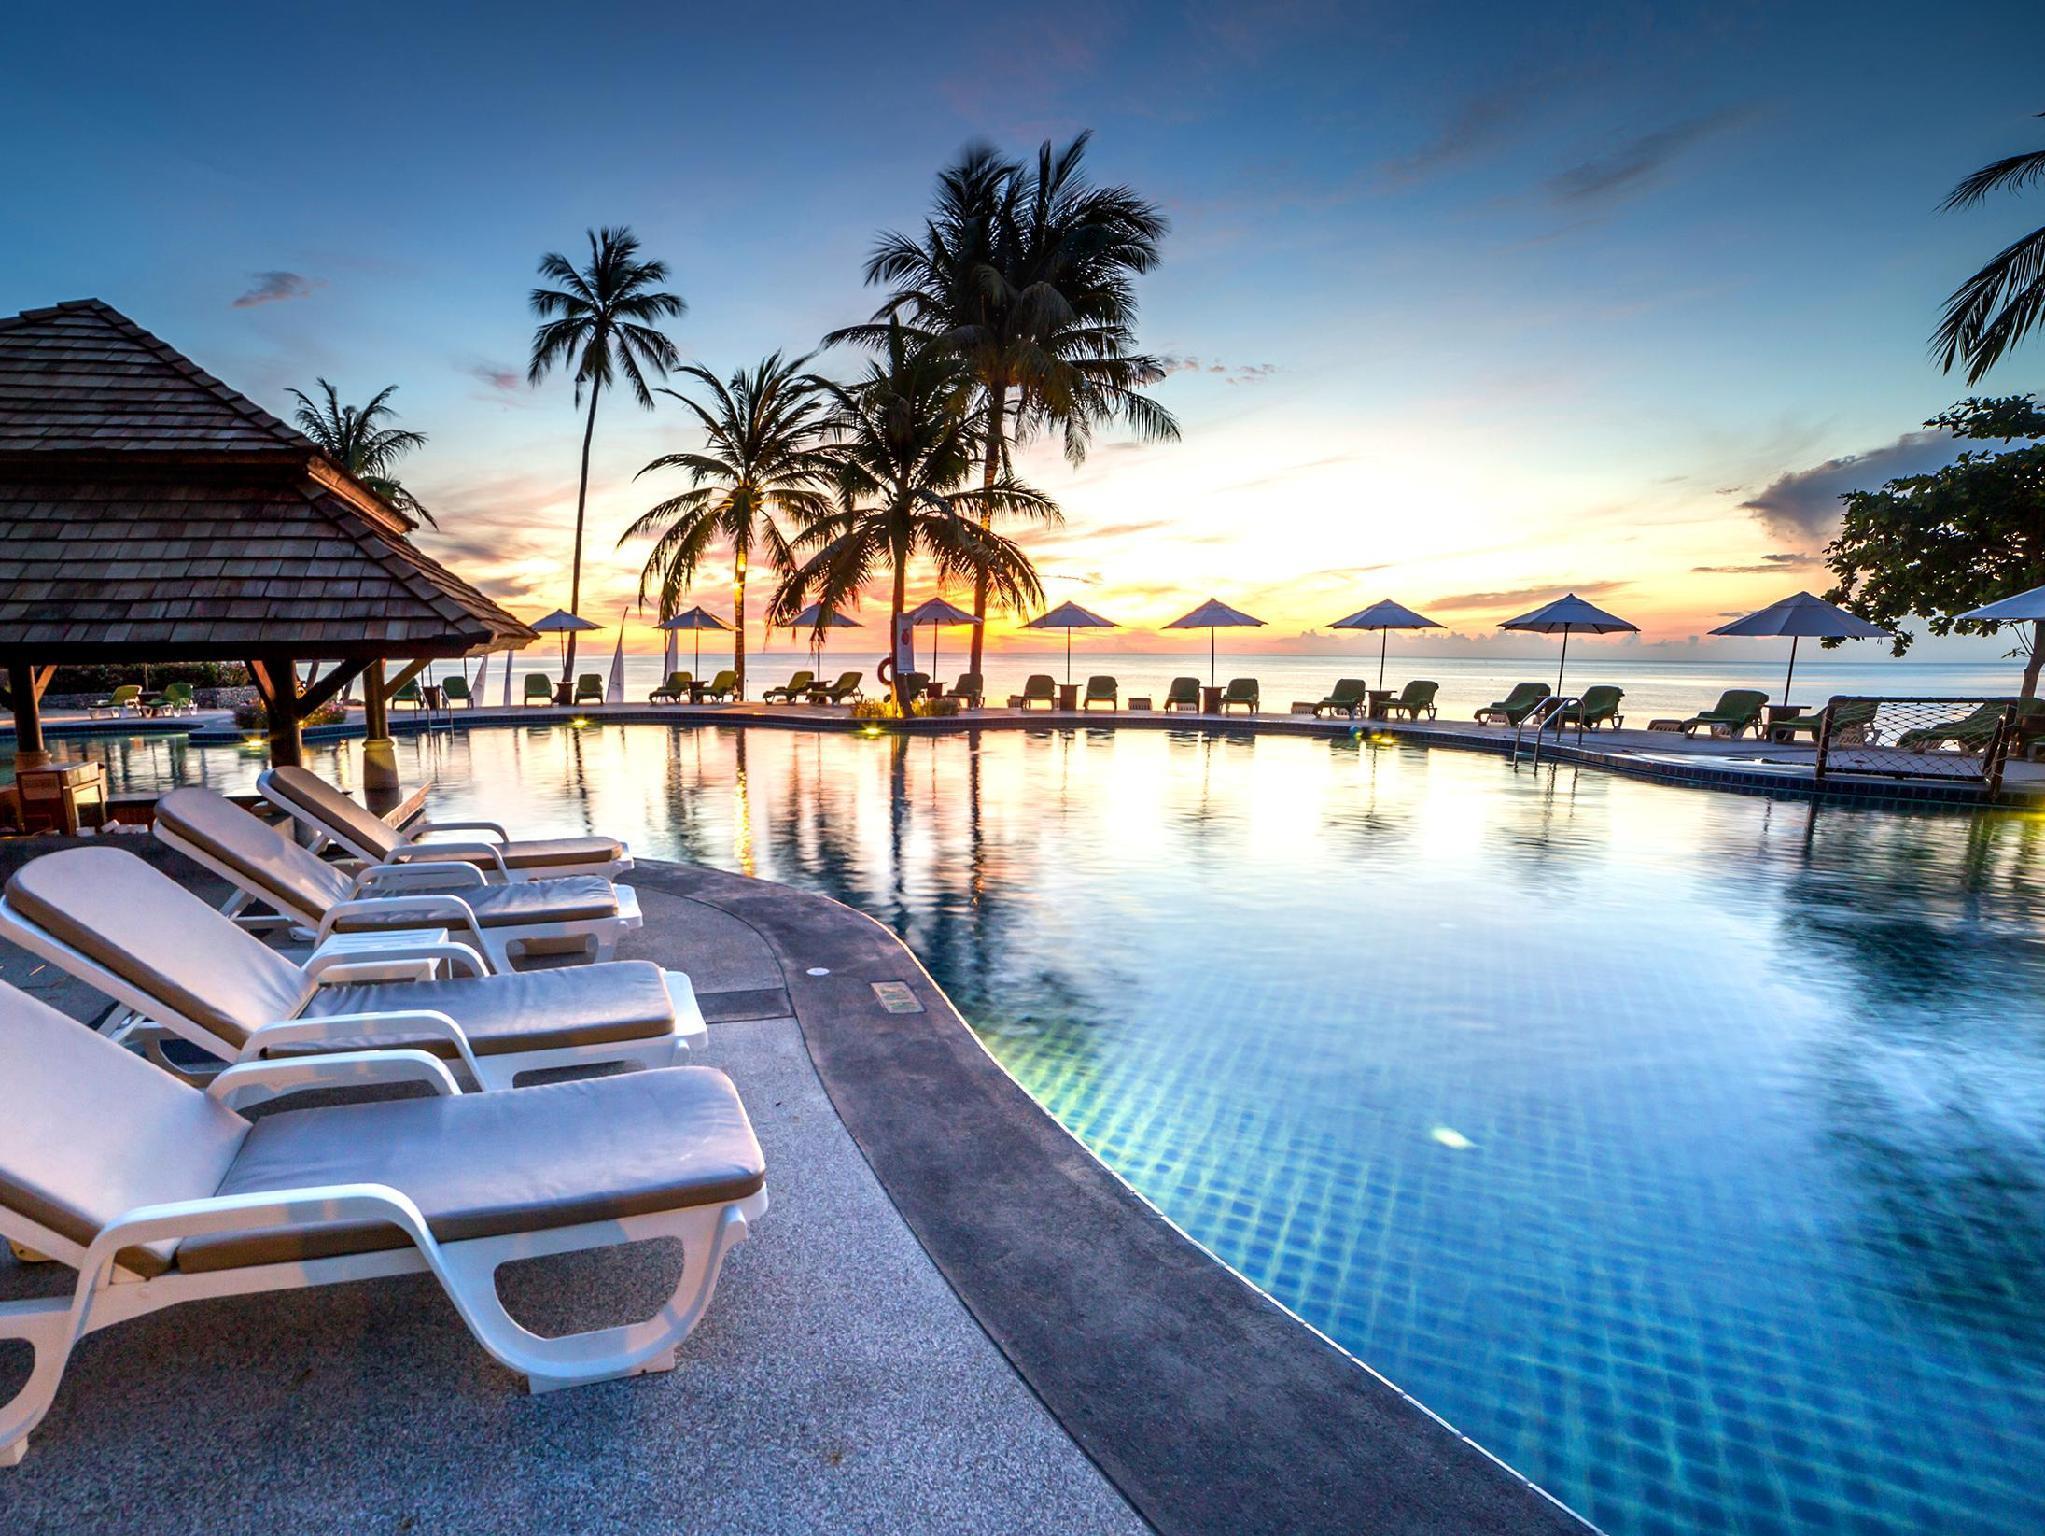 Nora Beach Resort & Spa โนรา บีช รีสอร์ท แอนด์ สปา